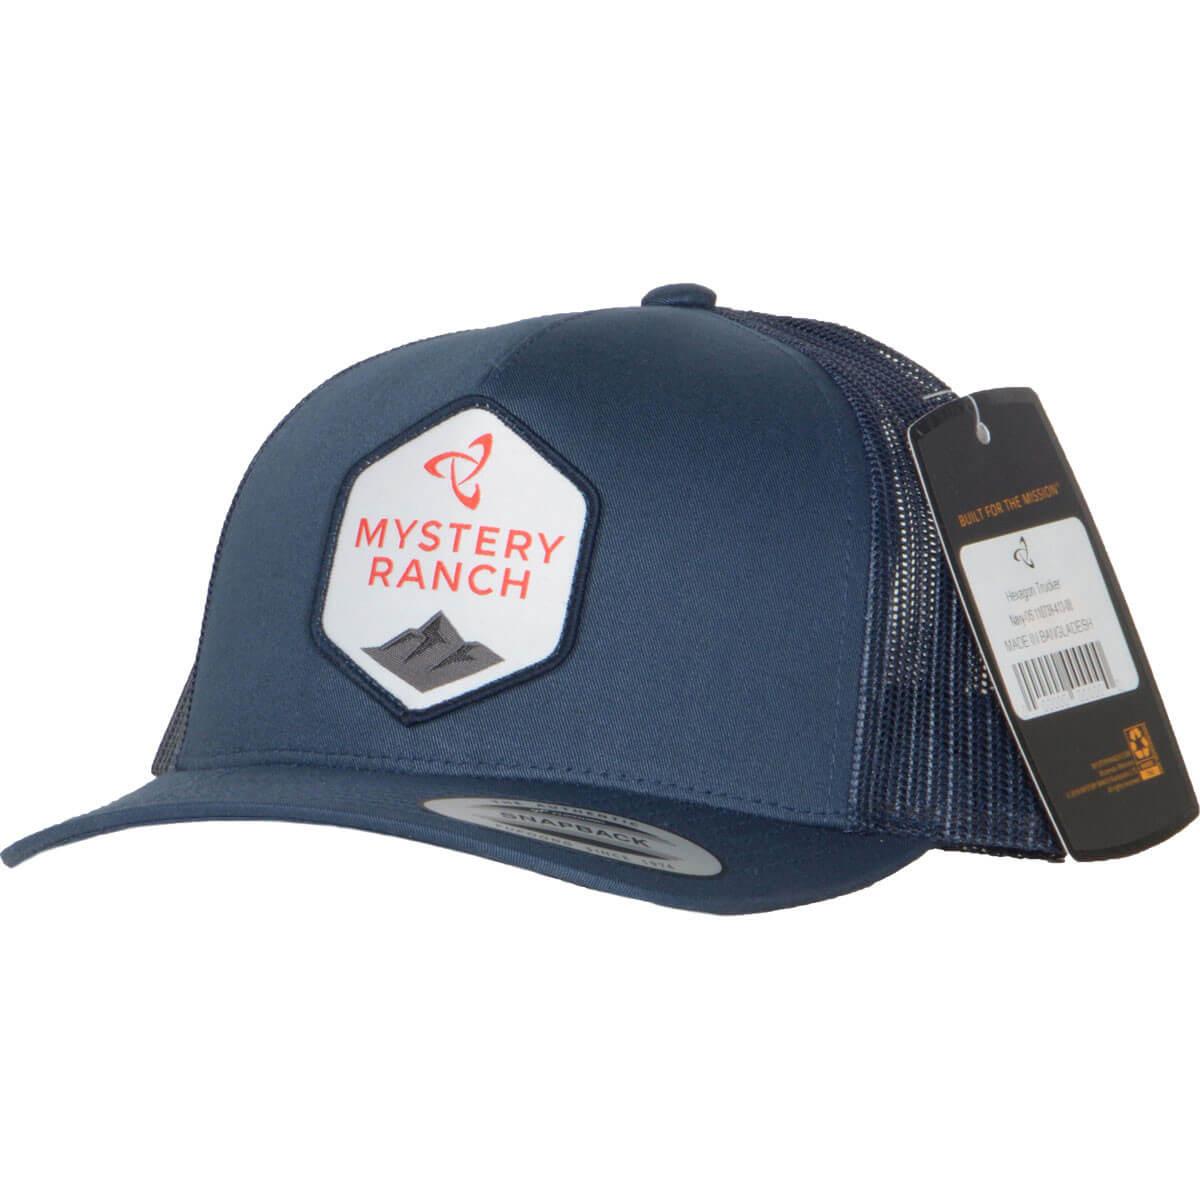 HEXAGON TRUCKER HAT